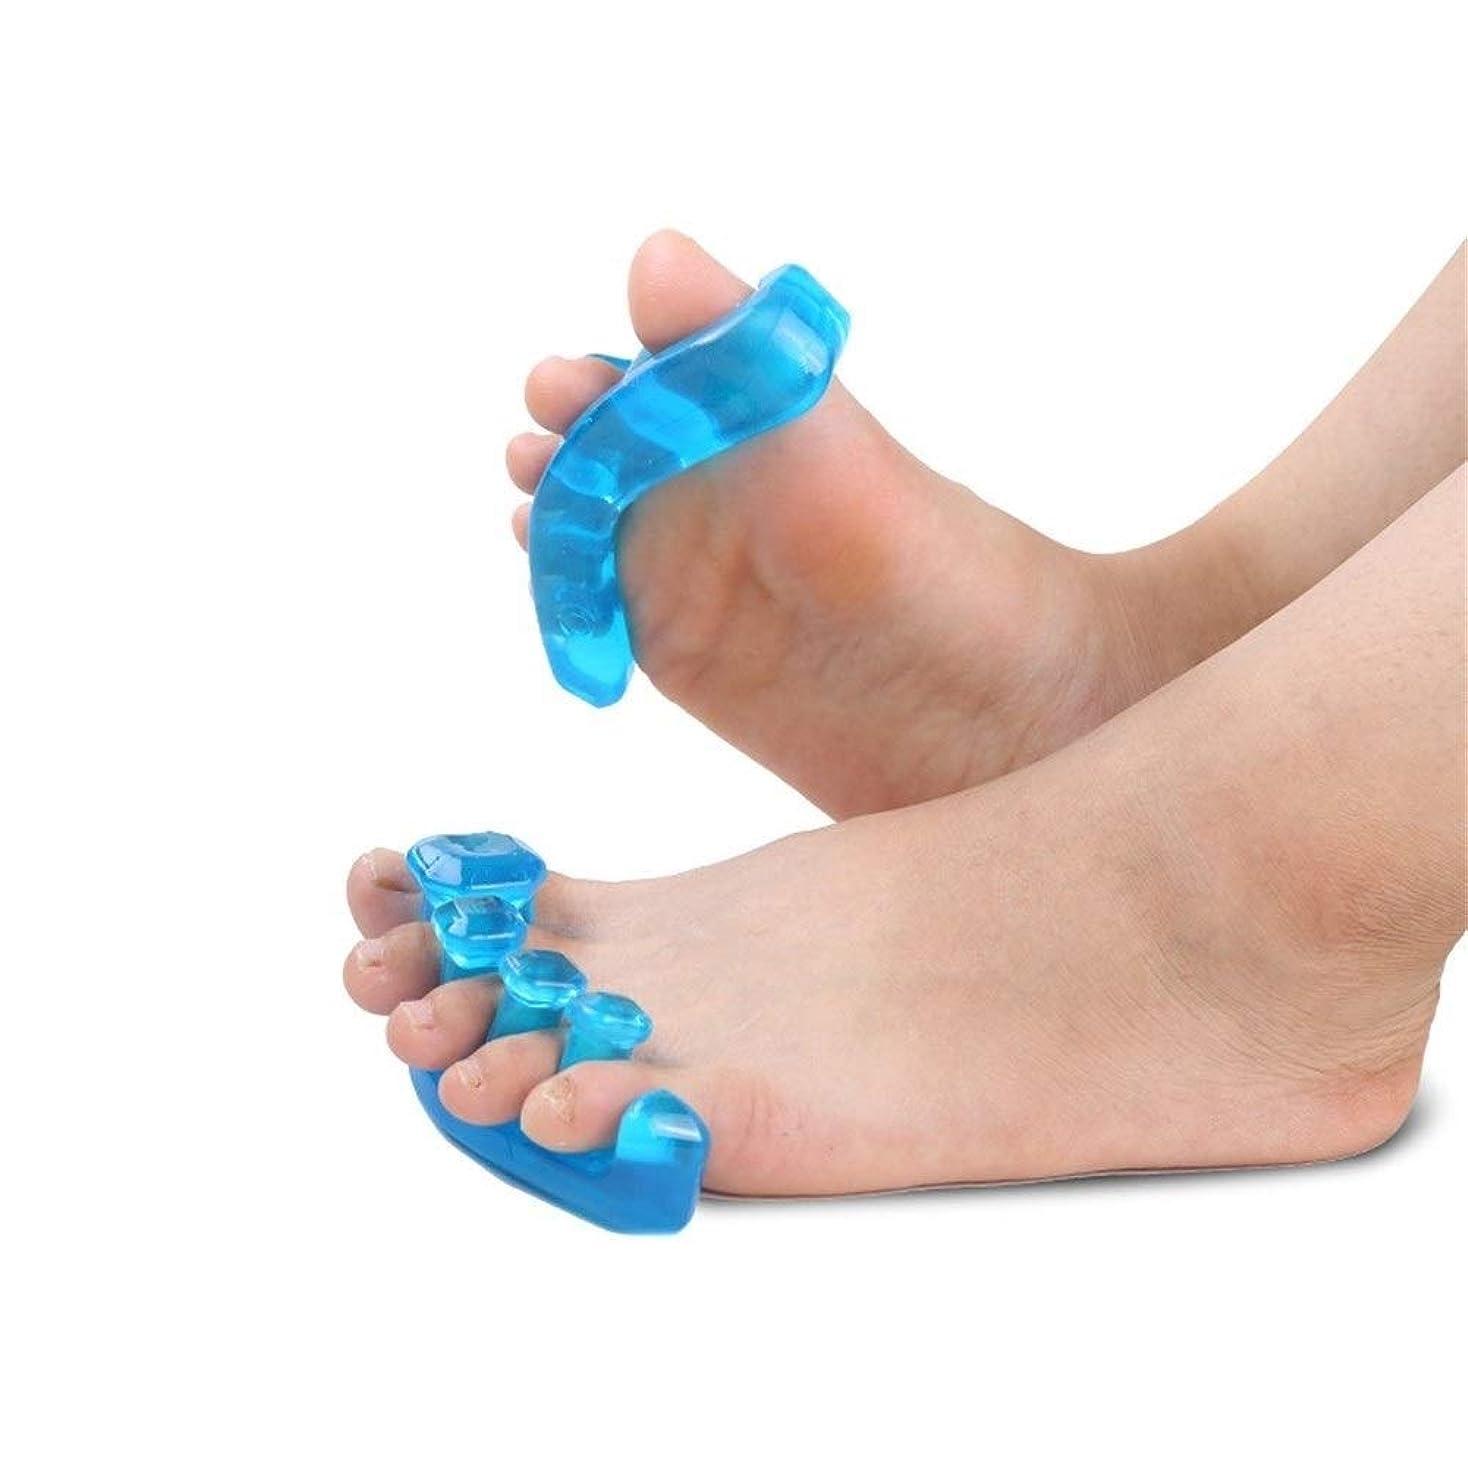 保証特定のリス足指の区切り記号腱膜炎の痛みを軽減するための腱膜のためのつま先の区切り記号